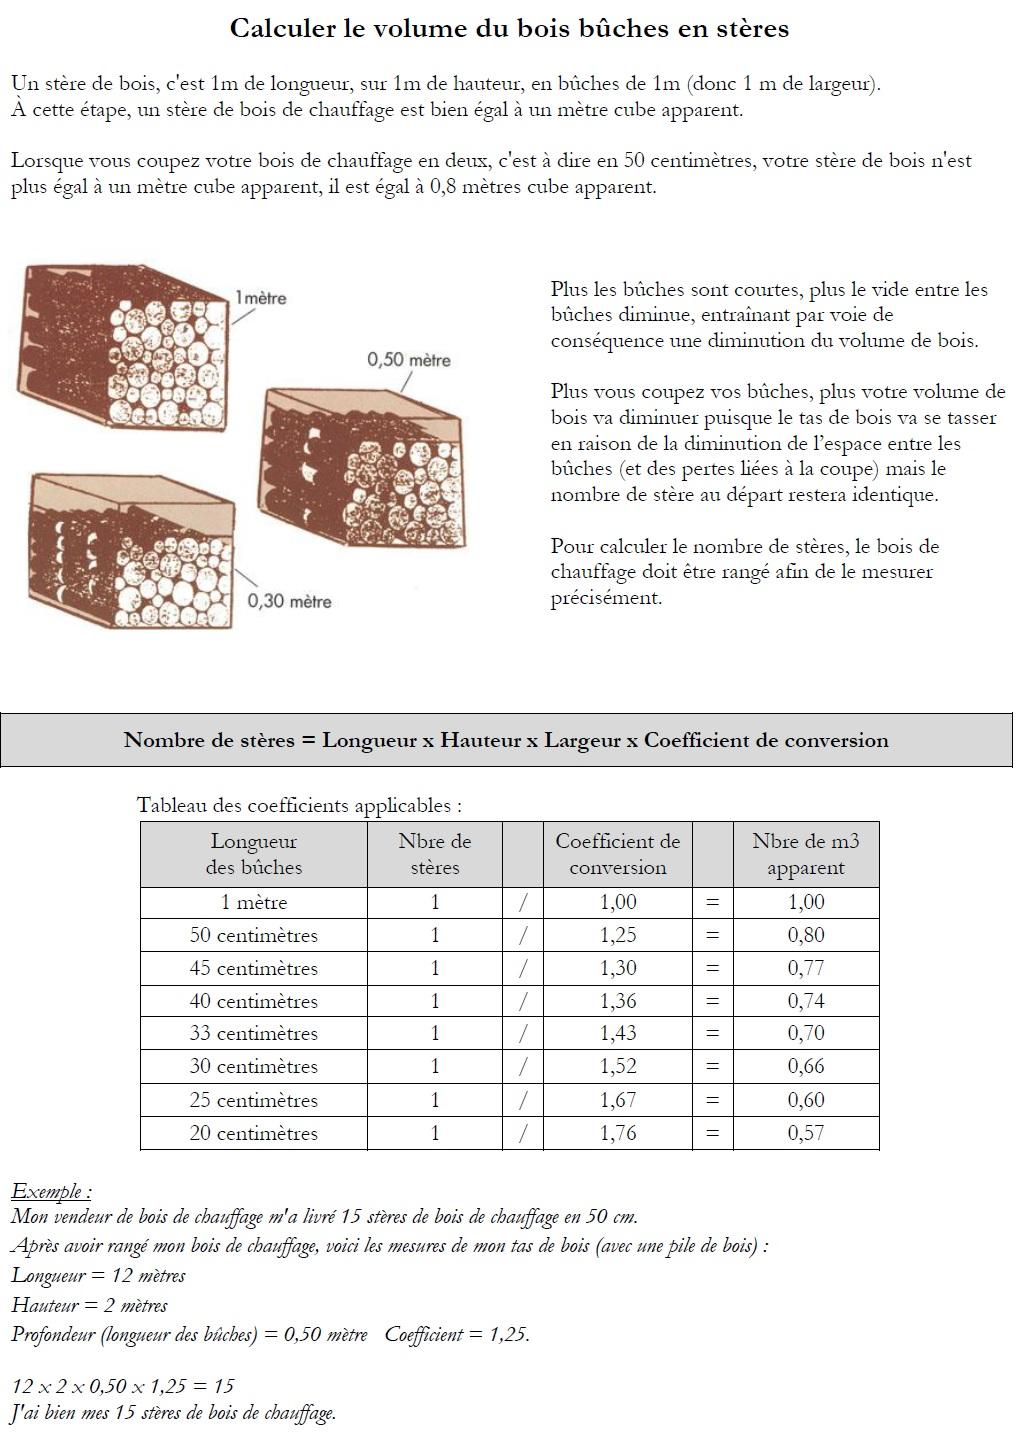 Calcul du volume du bois bûches en stères